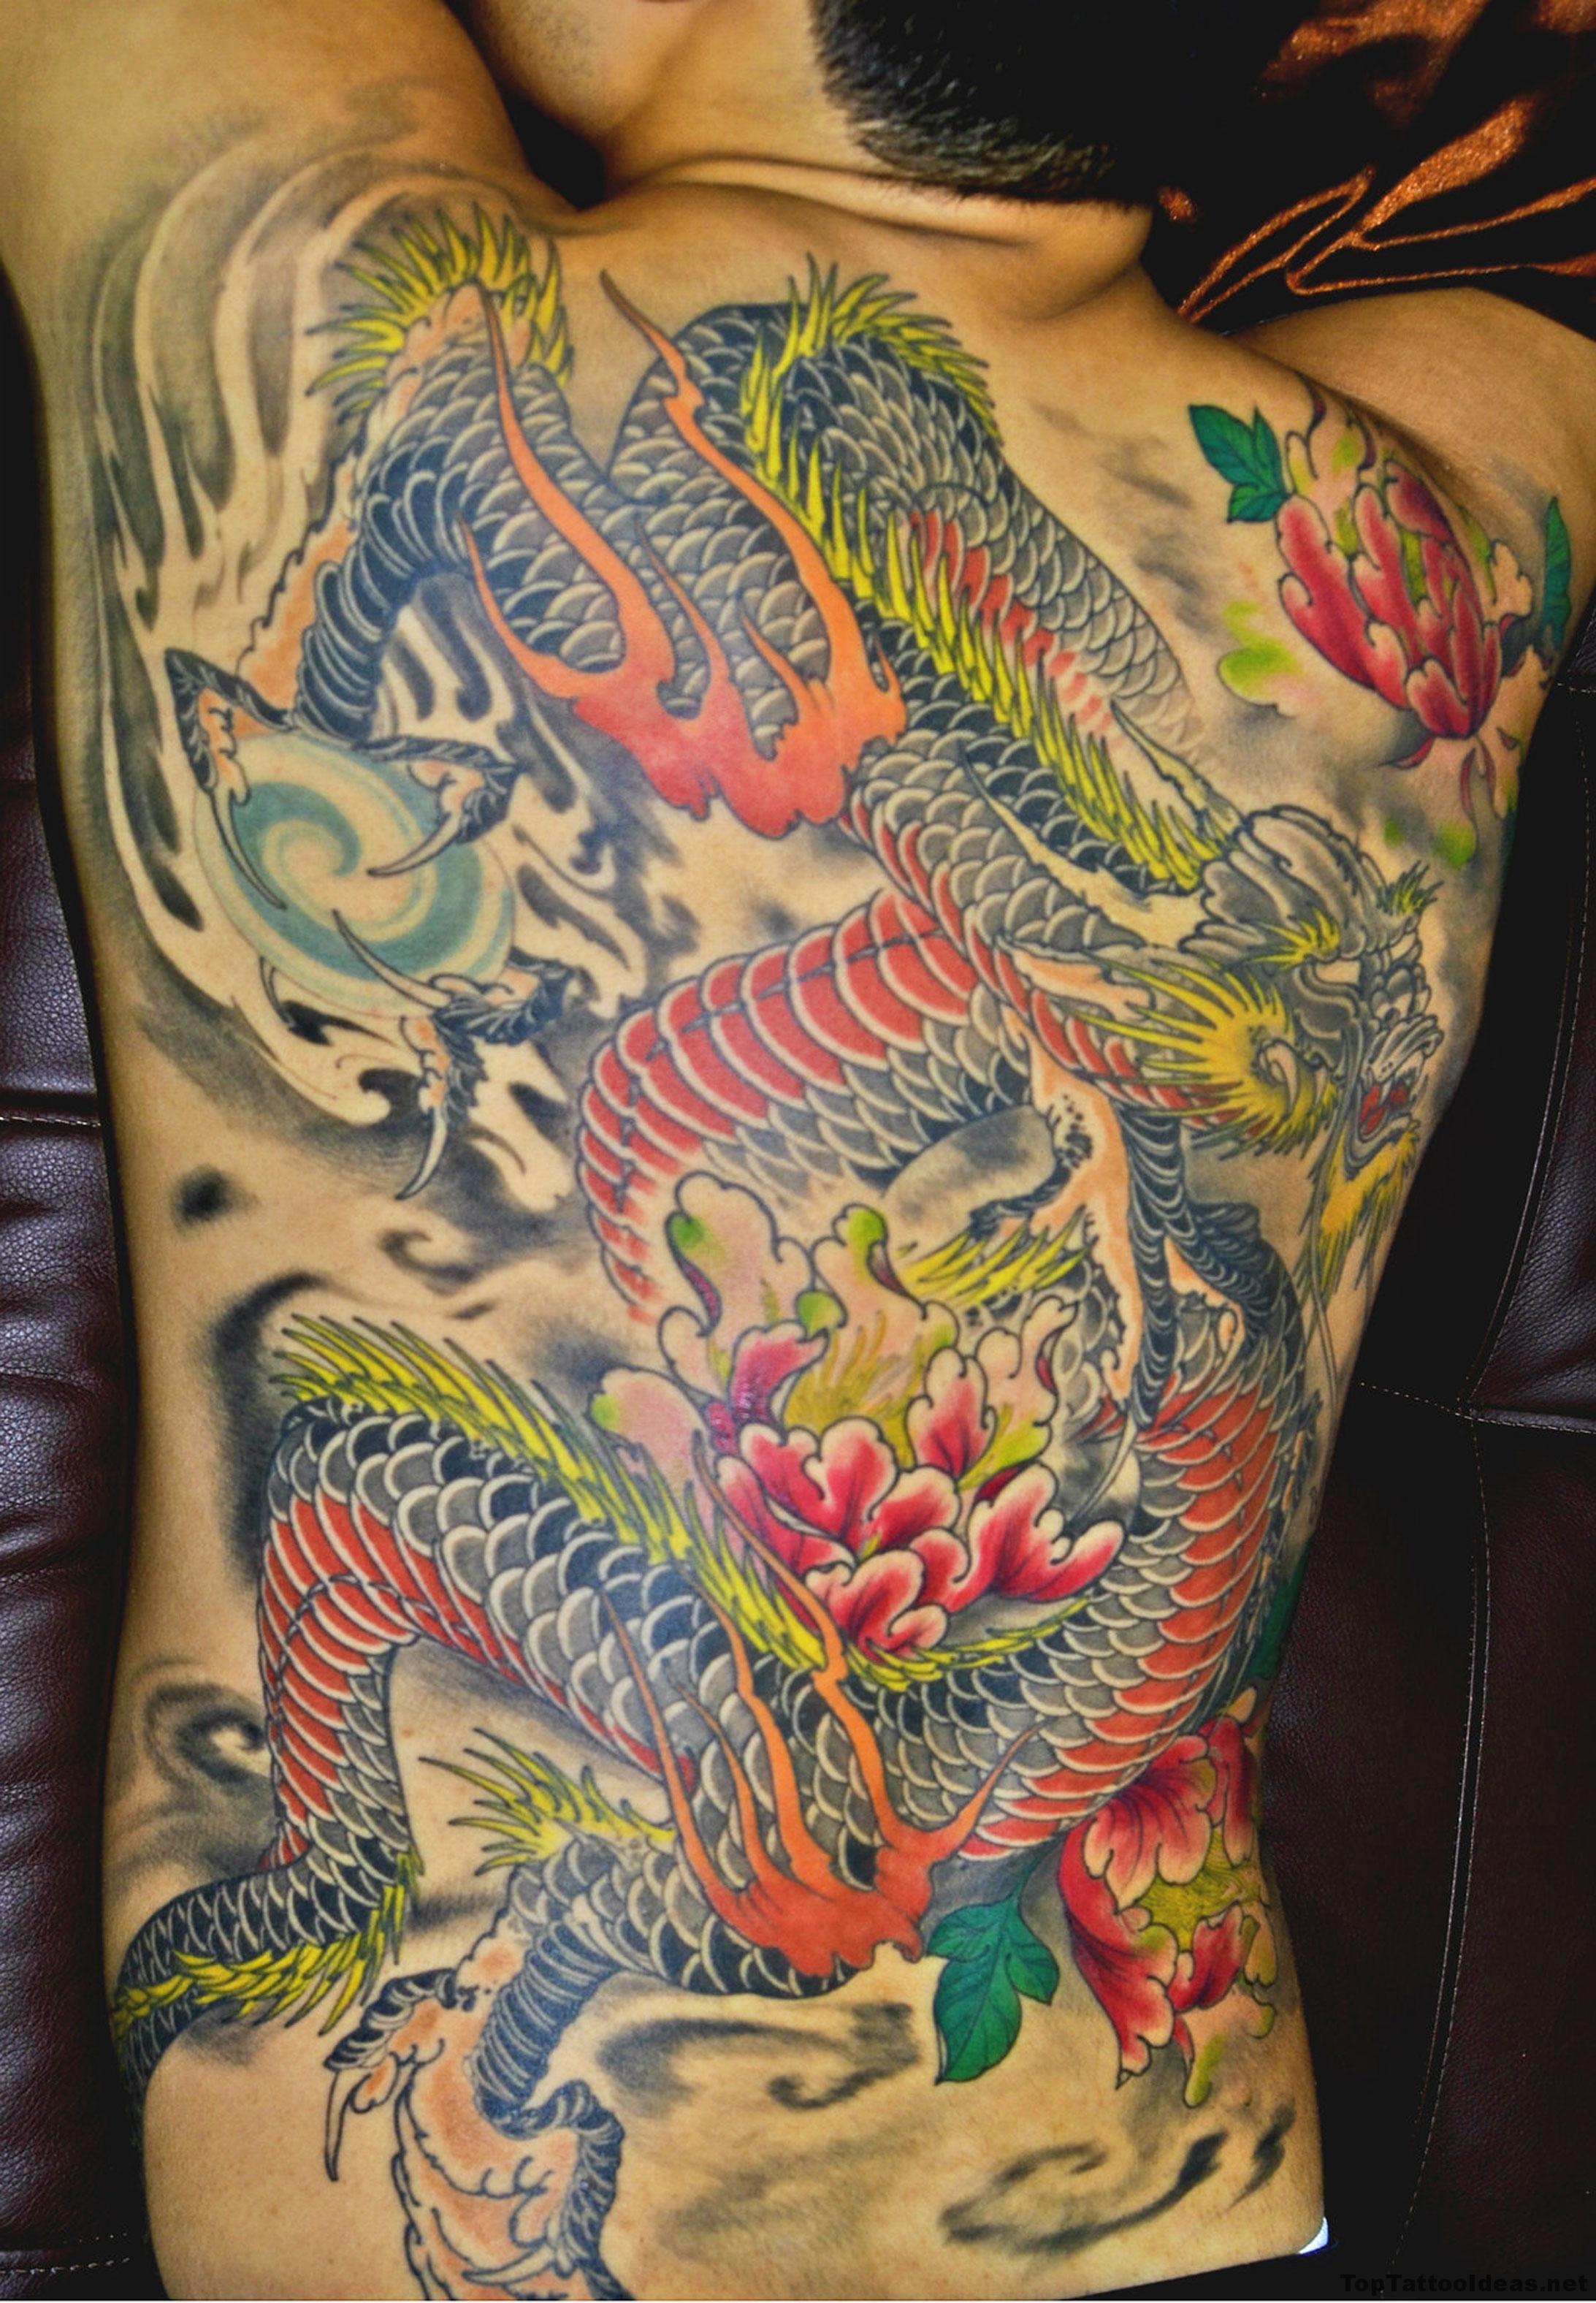 Awesome Dragon Back Tattoo Idea